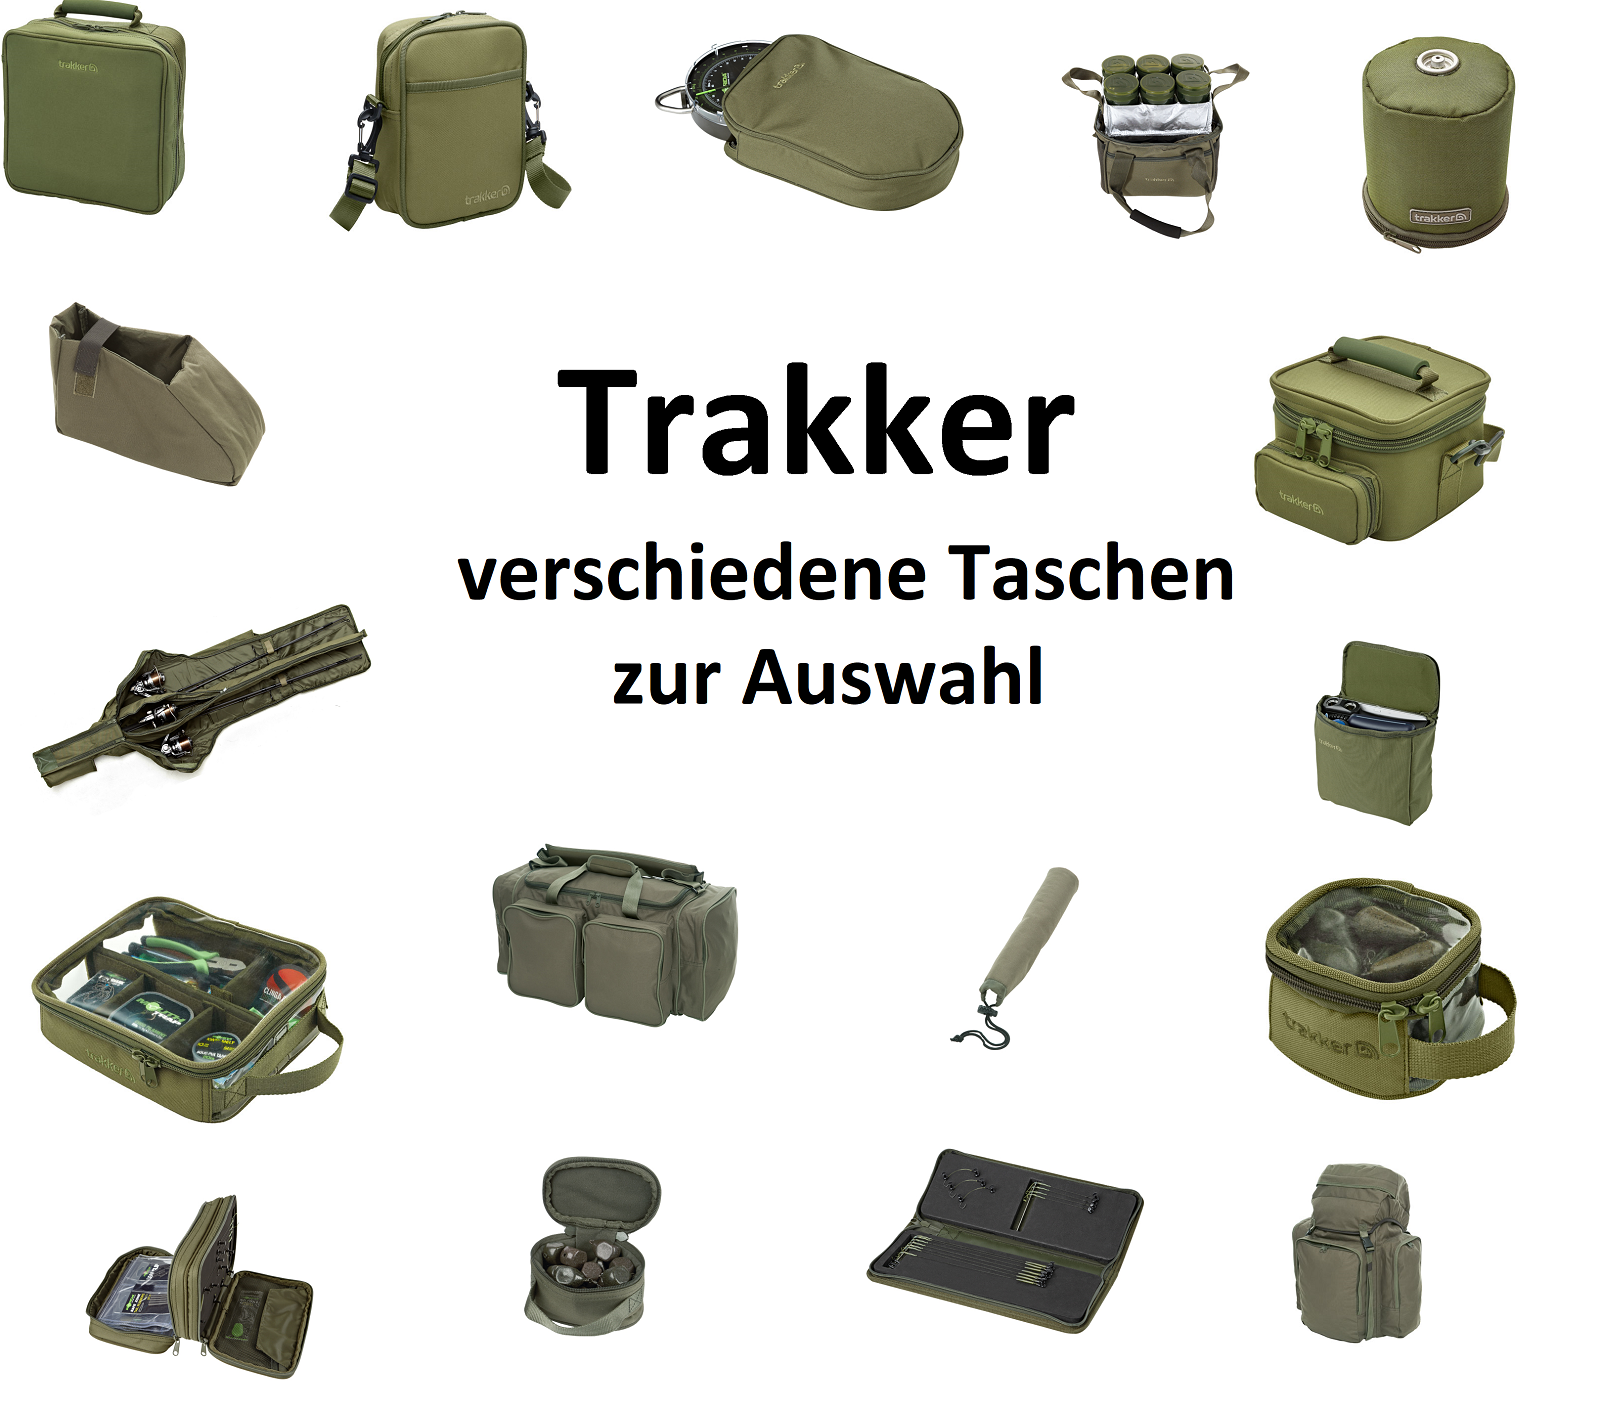 Trakker NXG Tasche Carryall Bleitasche Zubehörtasche PVA Lead Pouch Angeltasche